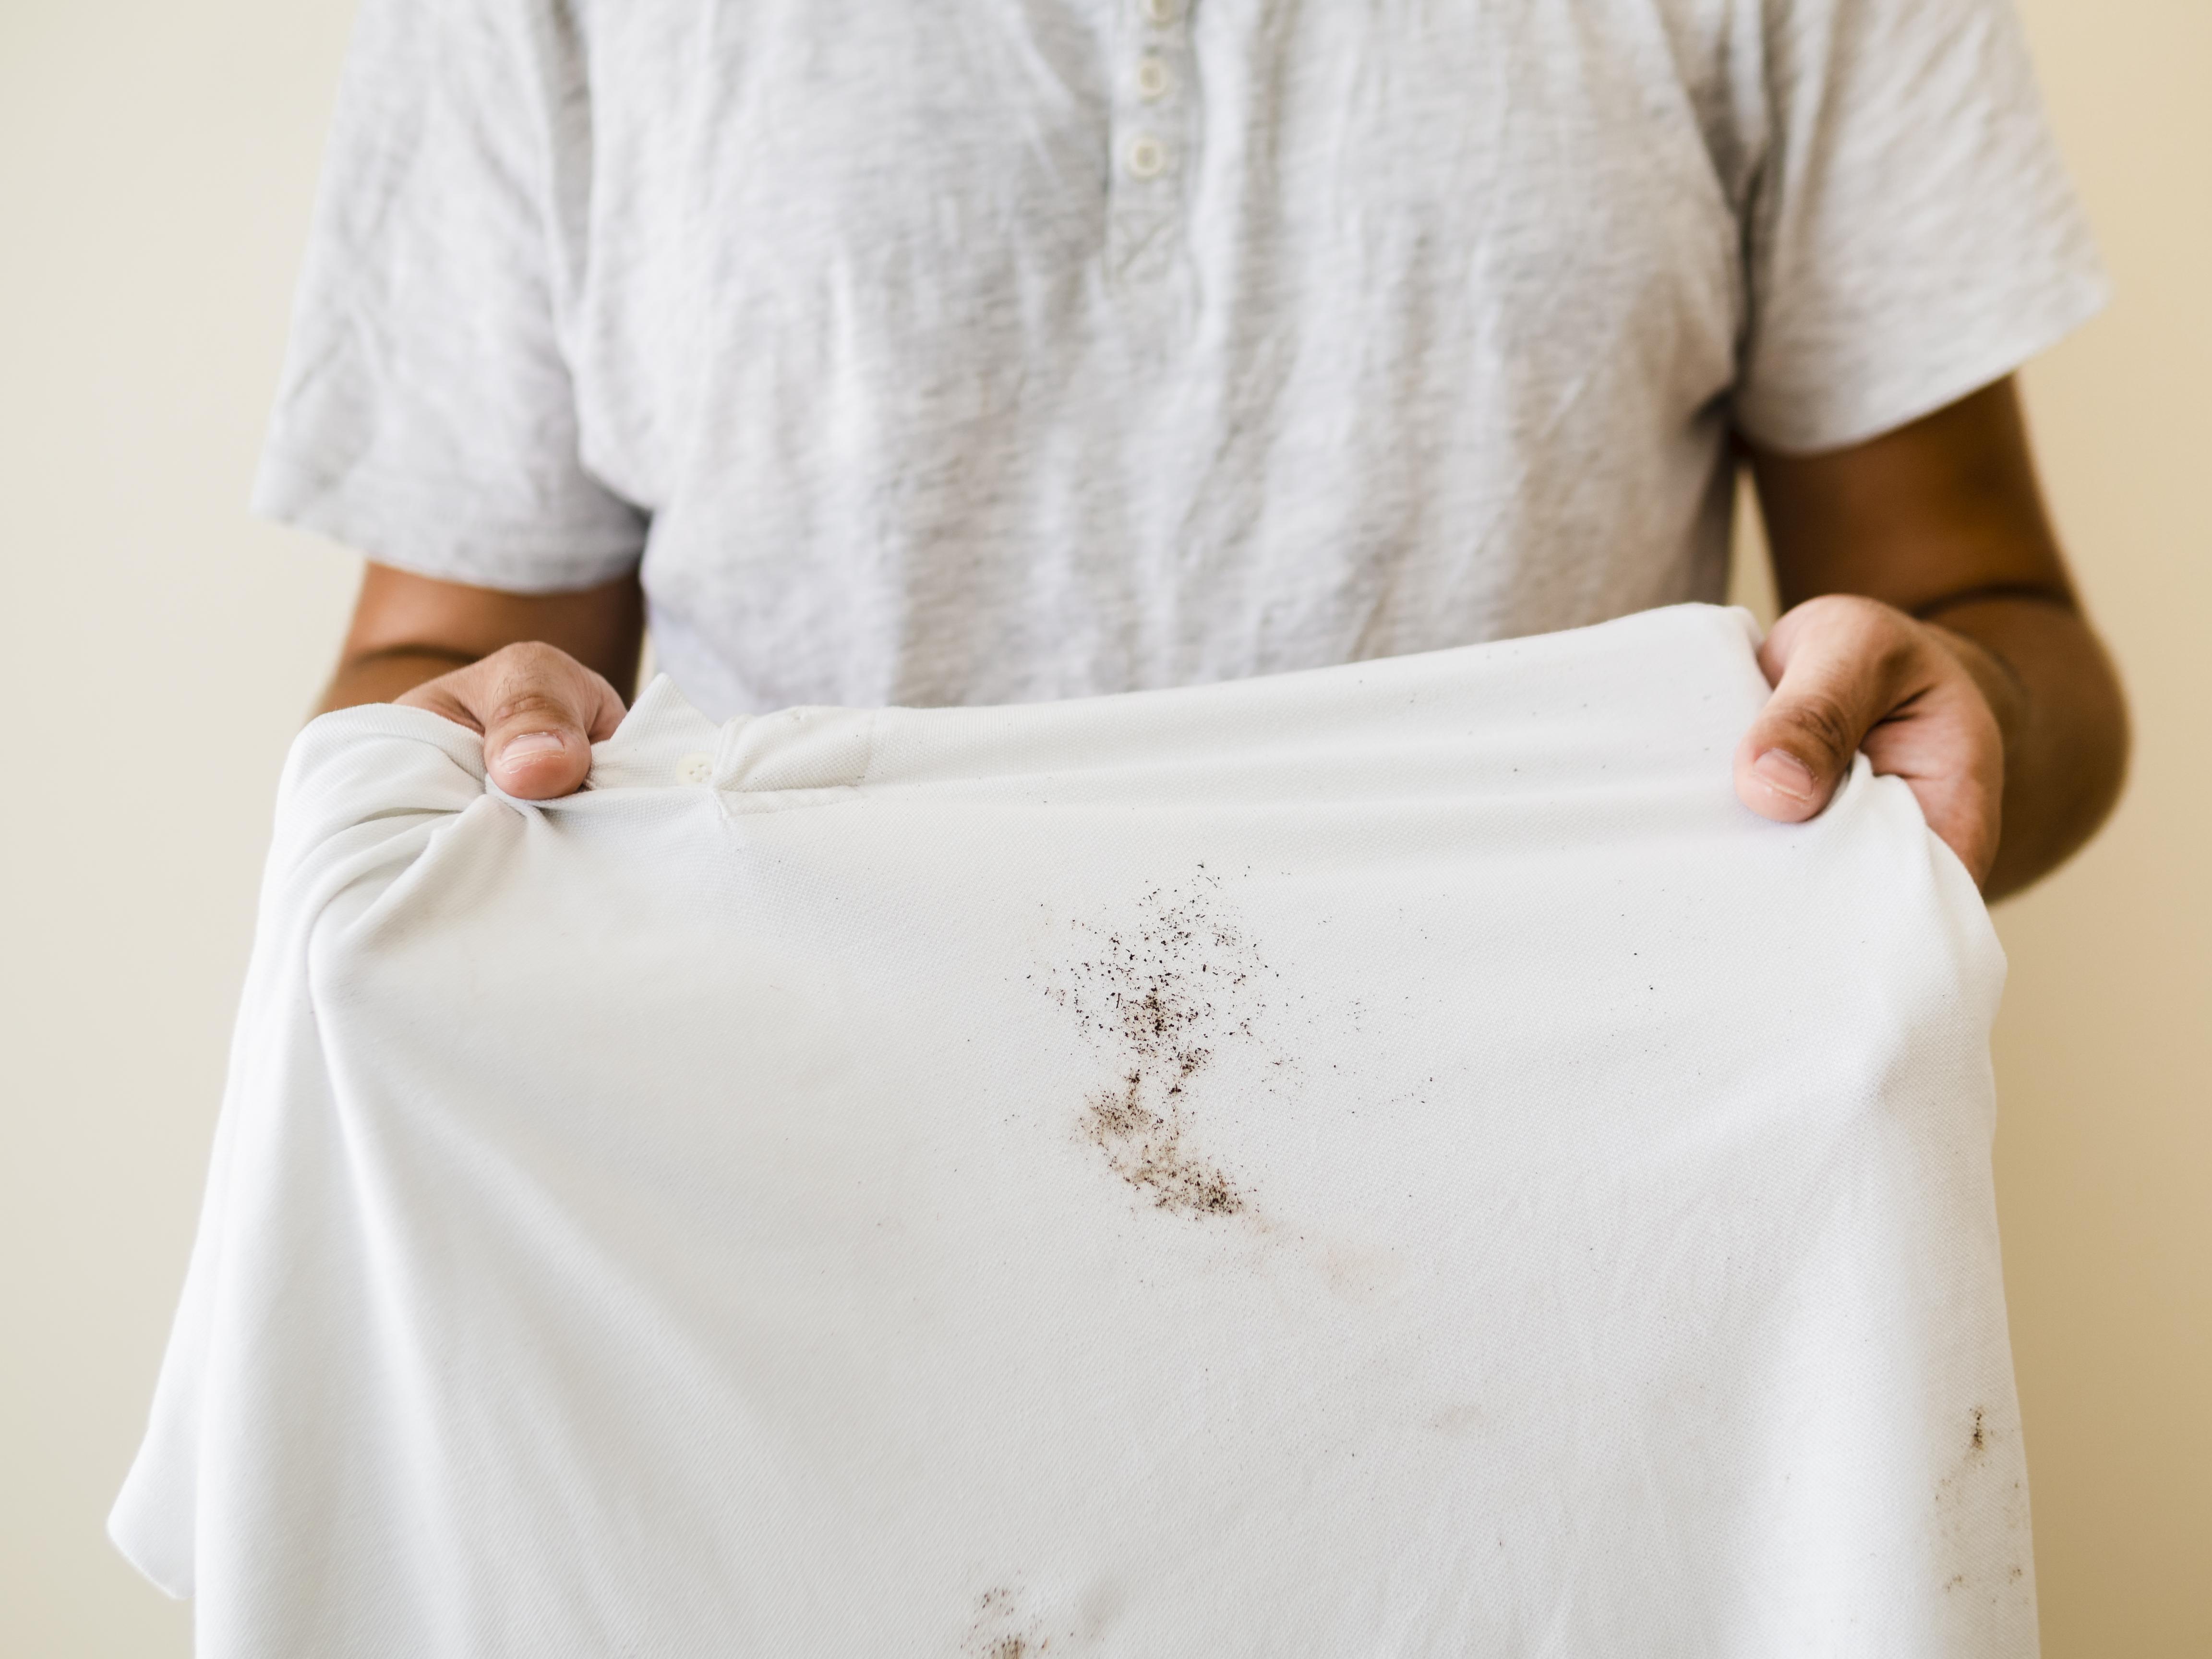 Quitar Manchas De Pintura En La Ropa Cómo Limpiarlas Jeff Jeff